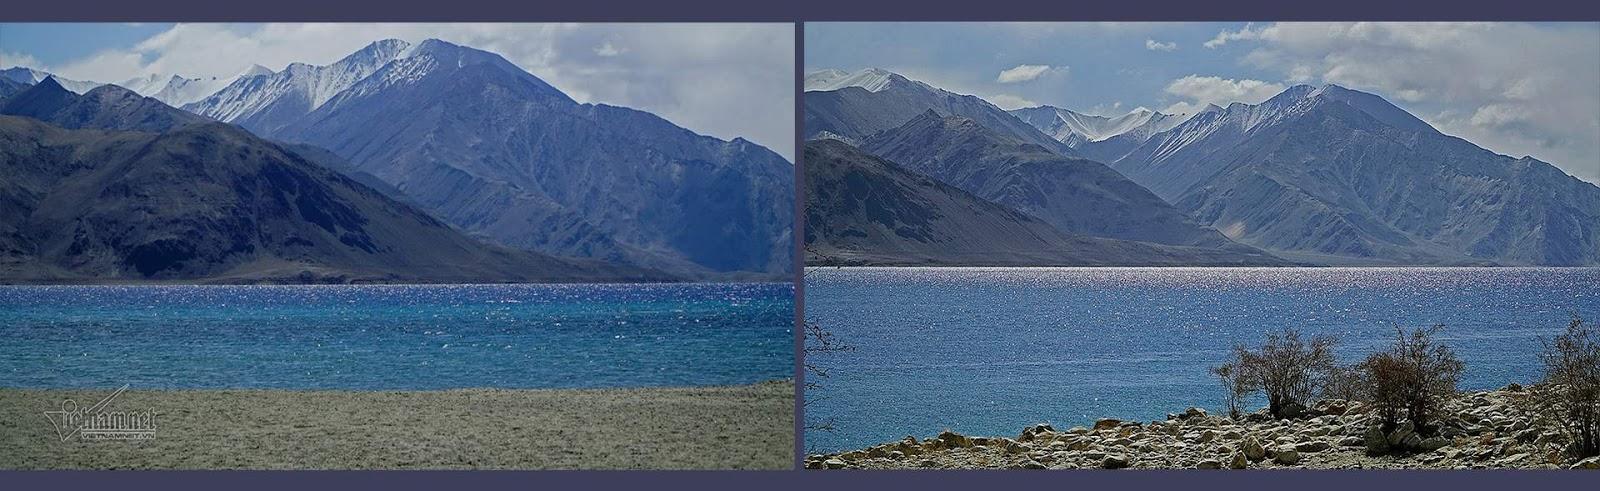 Khám phá vẻ đẹp huyền bí hồ Pangong - Ảnh 12